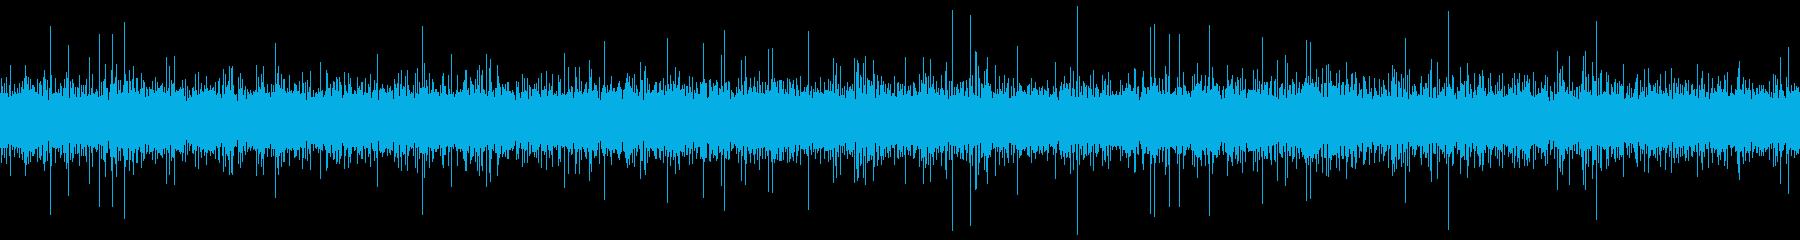 田舎の用水路の水音 ループ の再生済みの波形